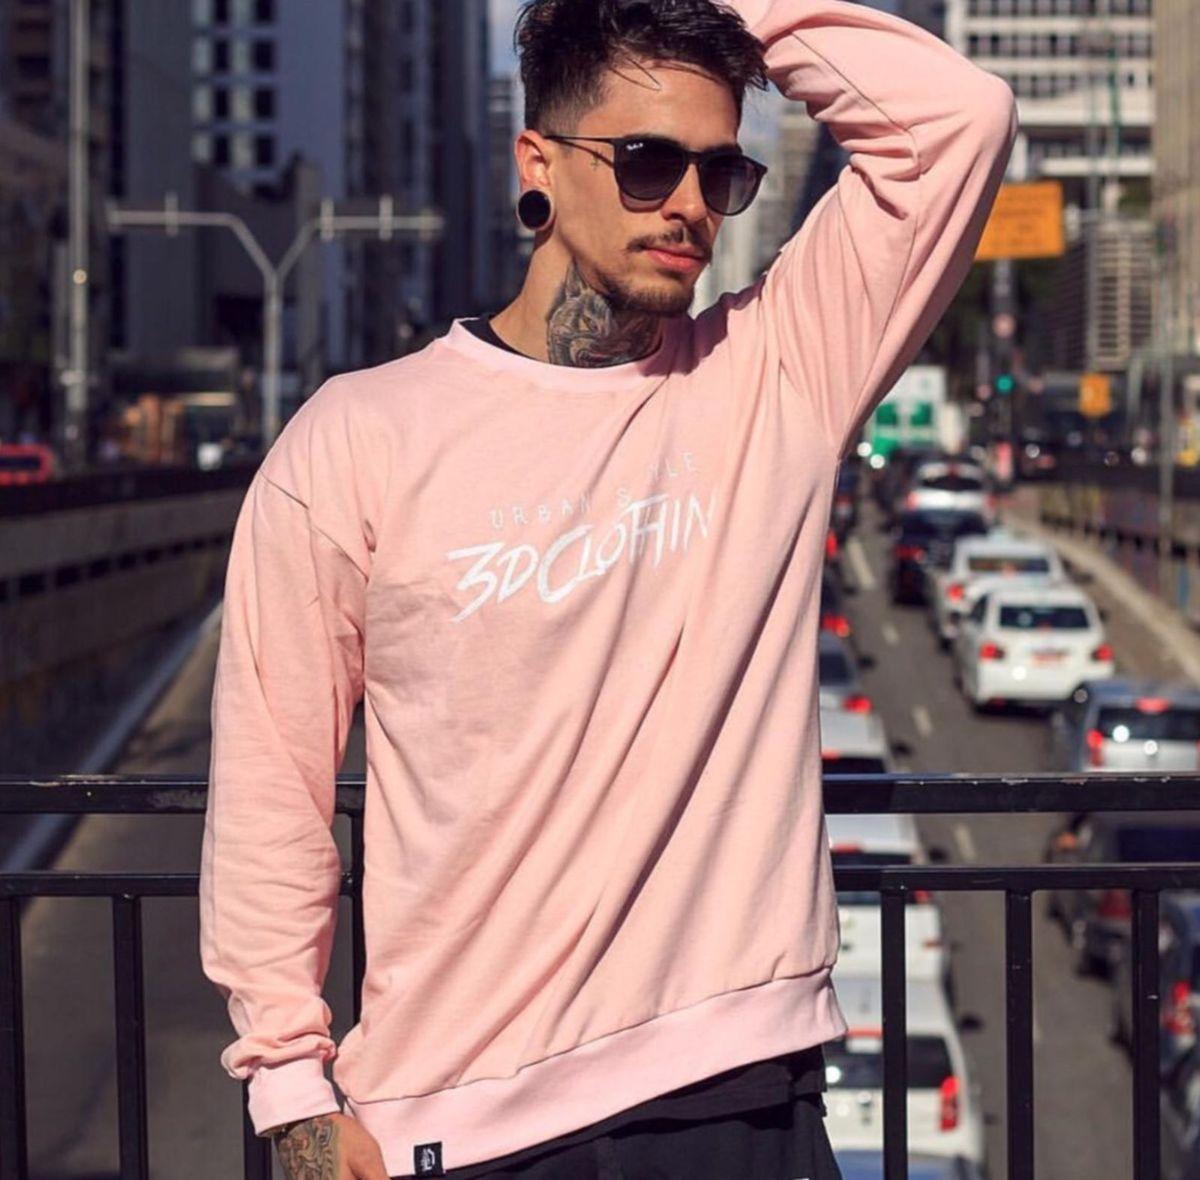 blusa de frio casaco moletom rosa swag street 3d original unissex - casacos  3d clothing a7a986dc3f1